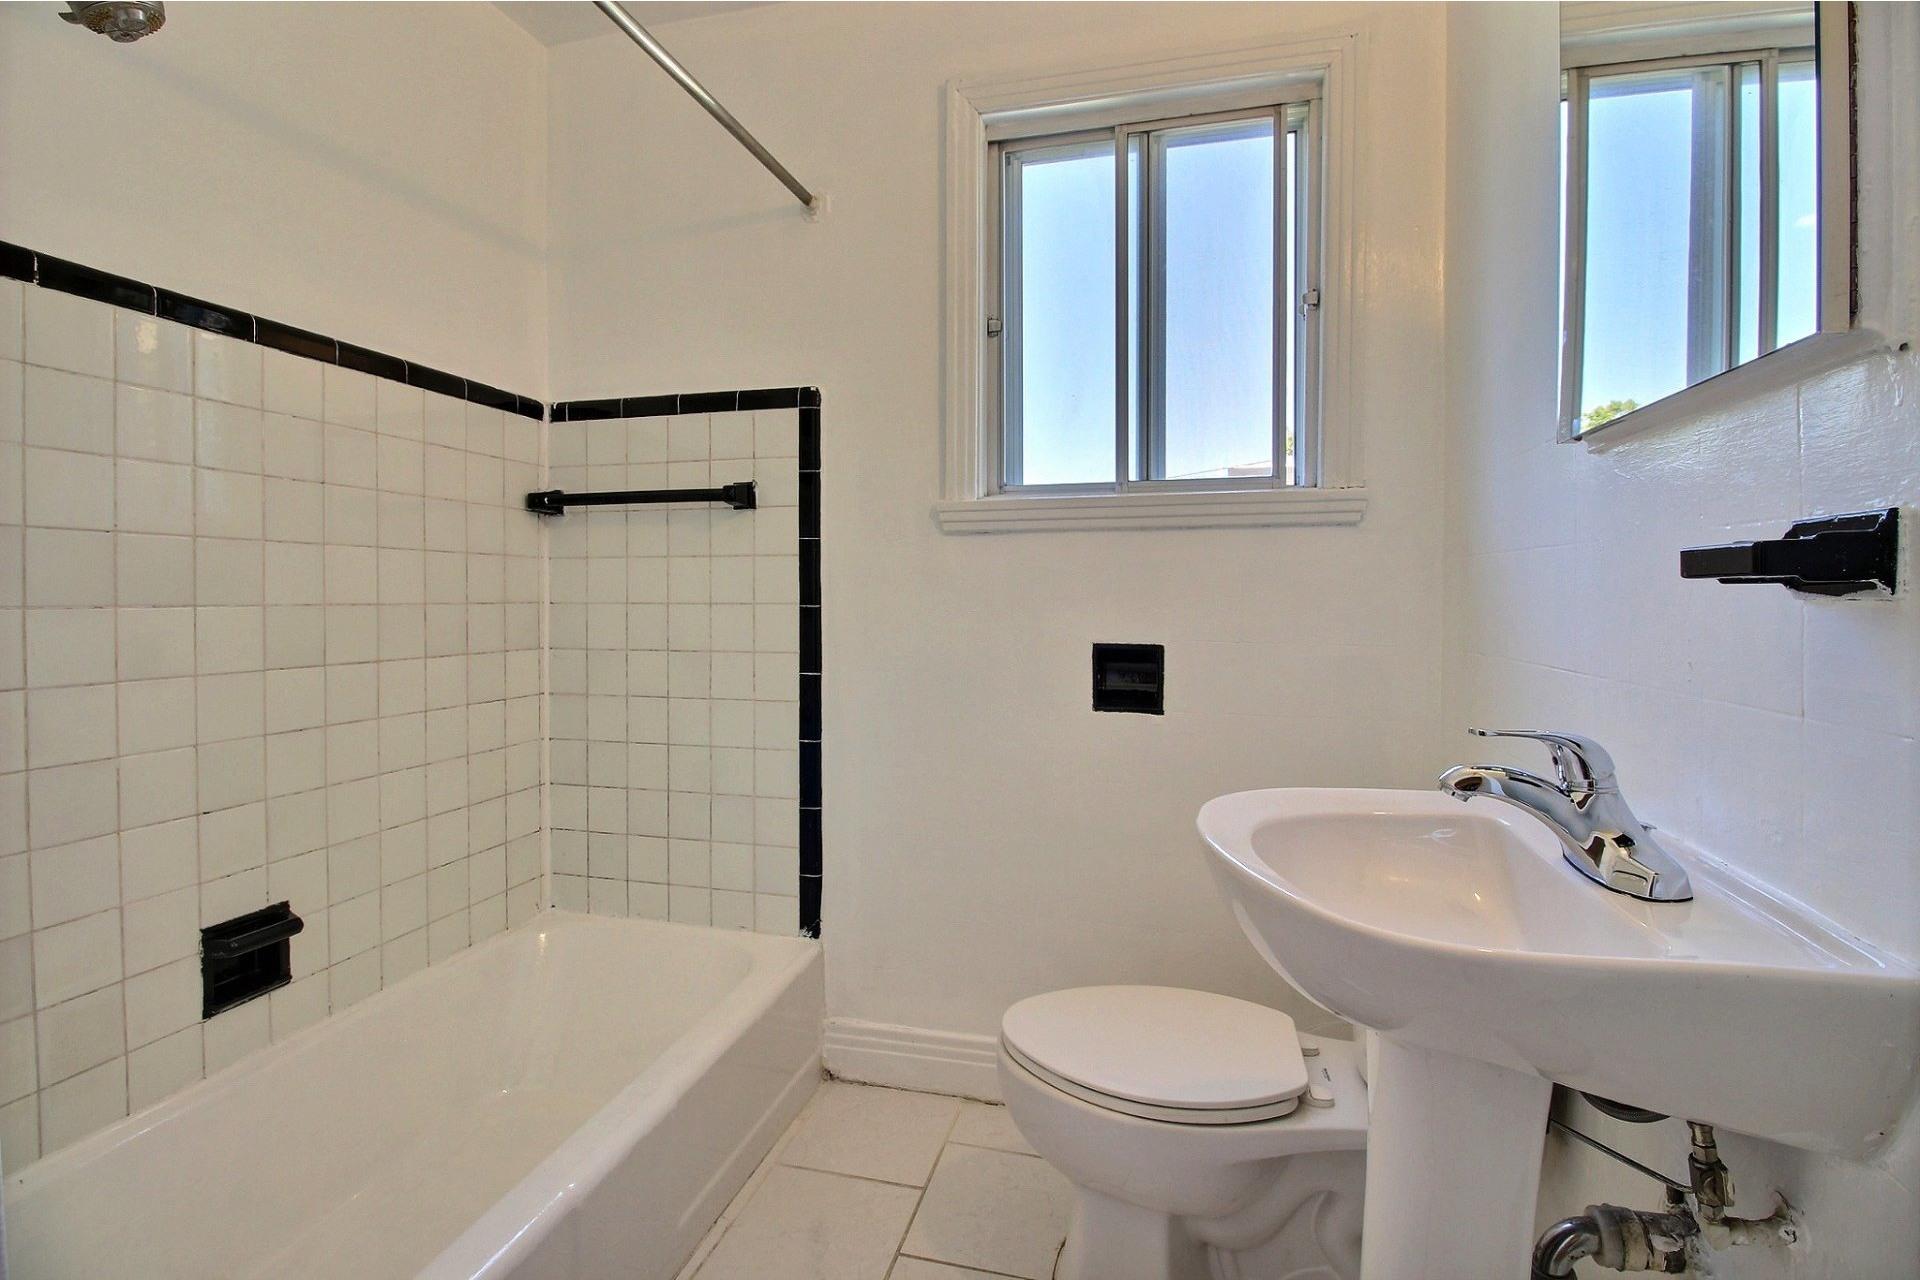 image 7 - Apartment For rent Rosemont/La Petite-Patrie Montréal  - 5 rooms